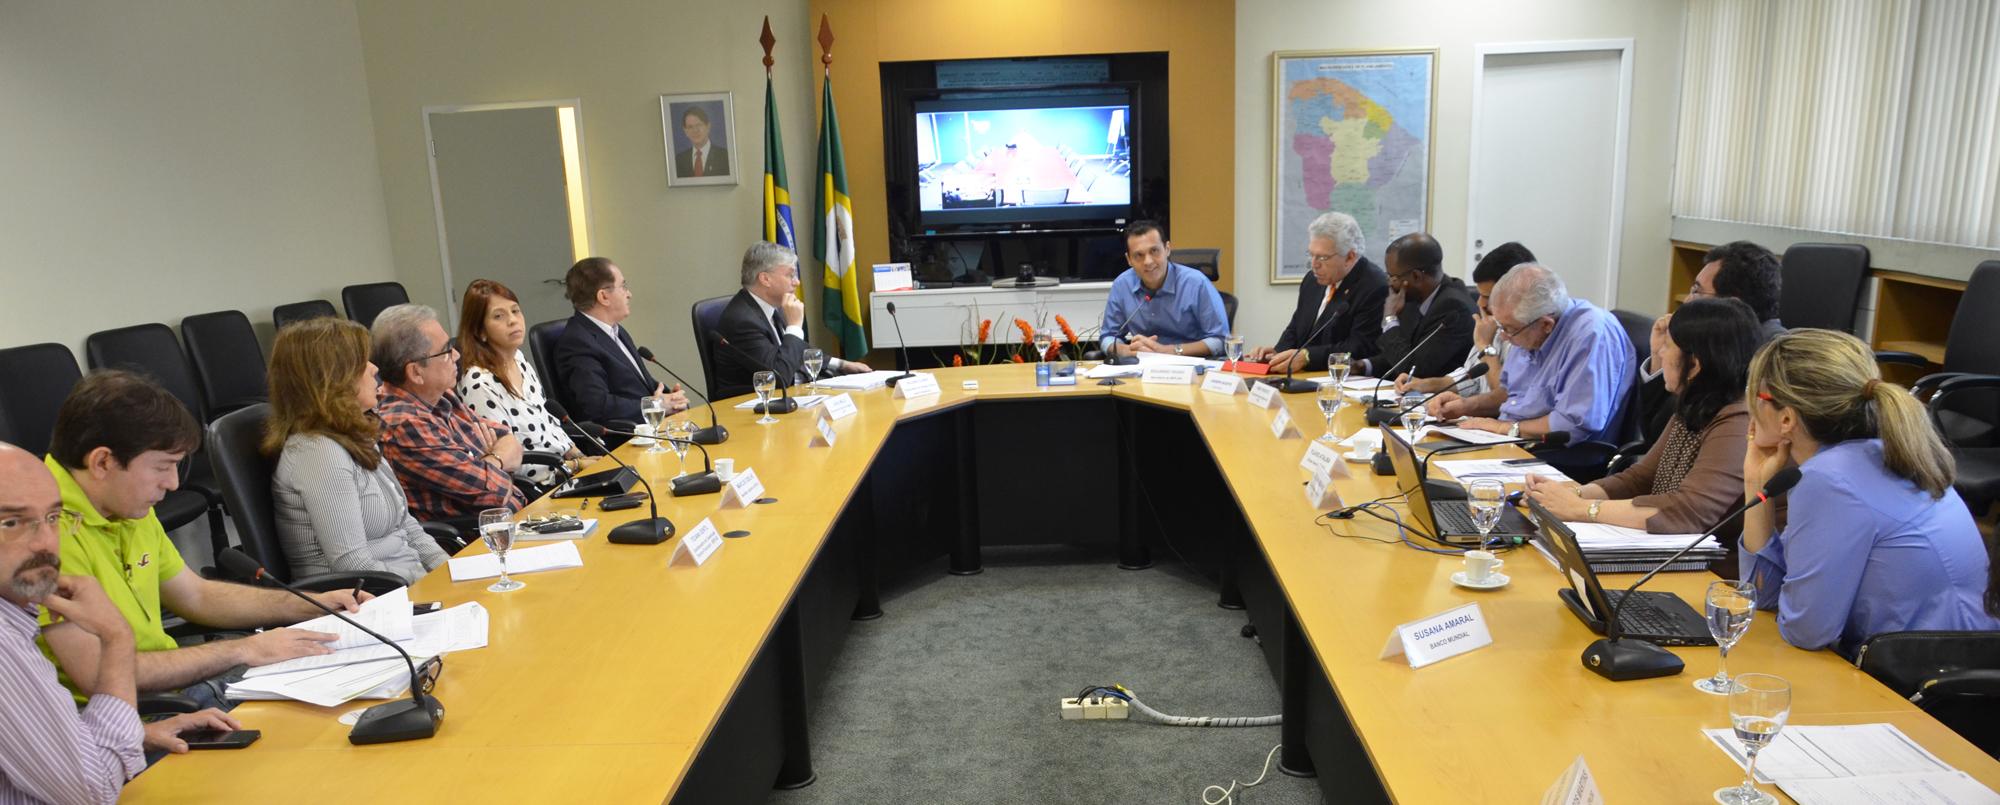 Governo e BIRD voltam a debater operação PforR